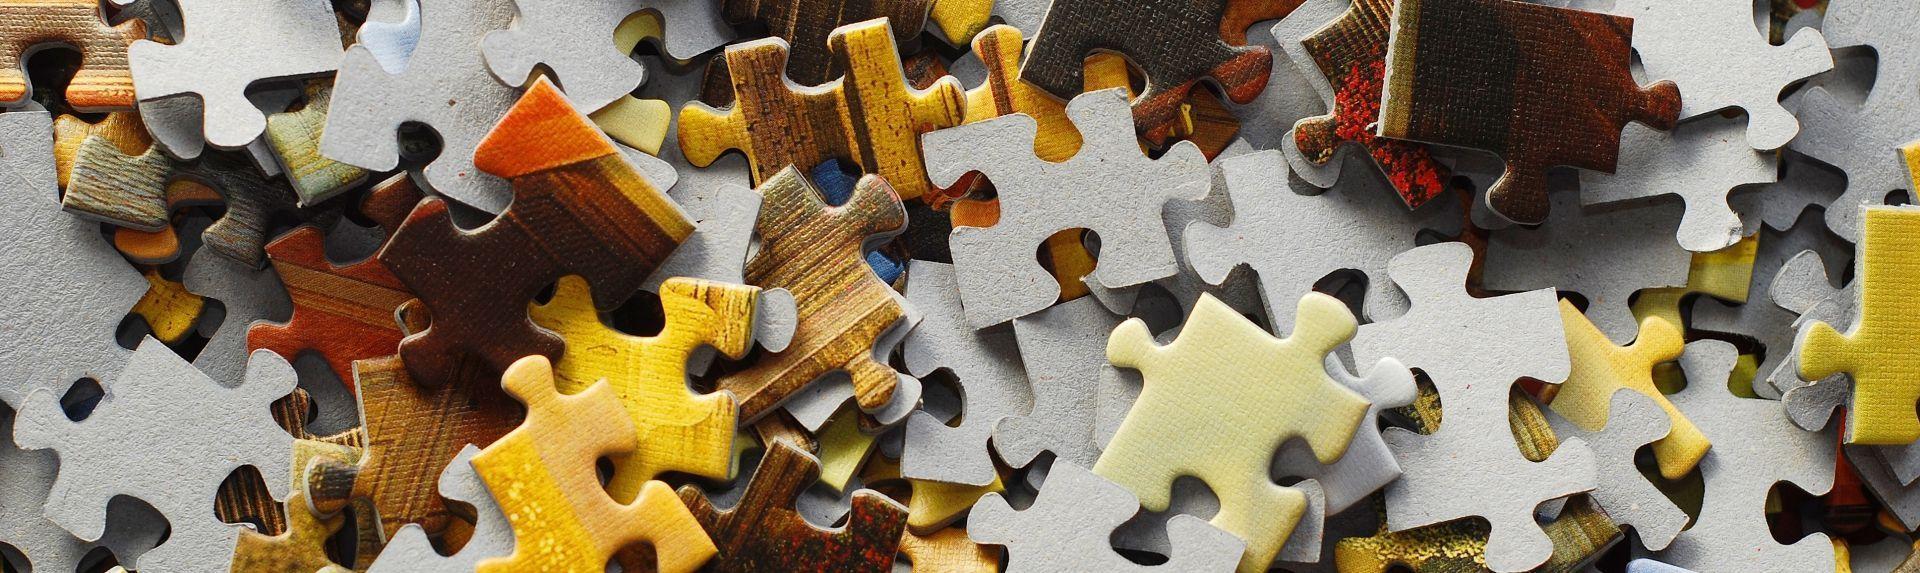 Климакс и возраст: как сохранить ясность ума и отличную память